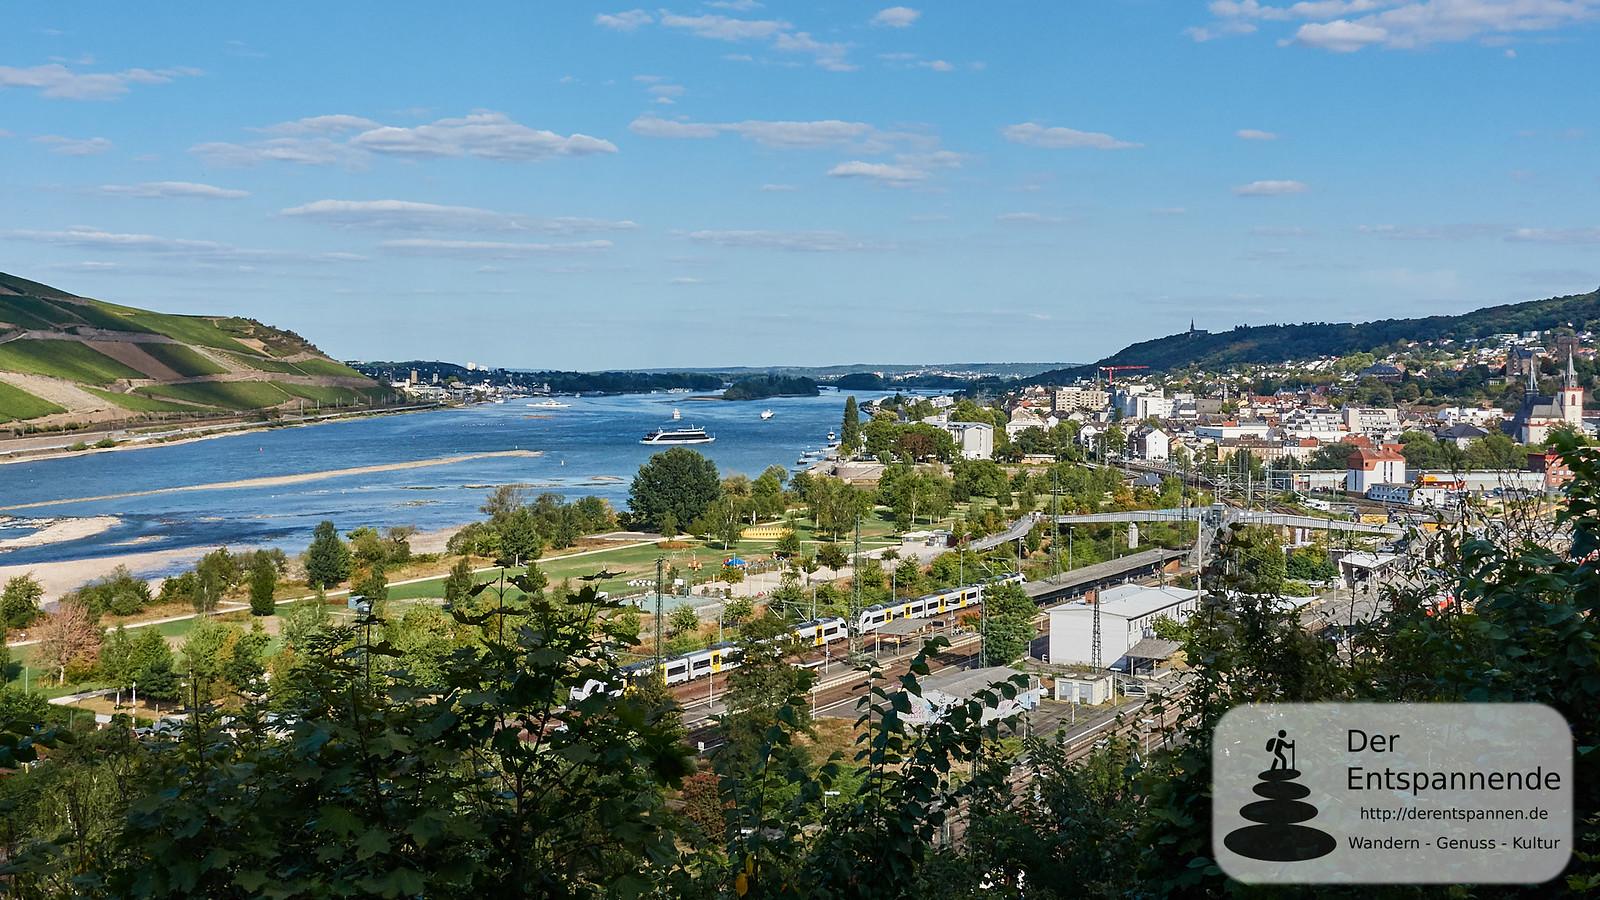 Bingen: Bahnhof und Park am Mäuseturm